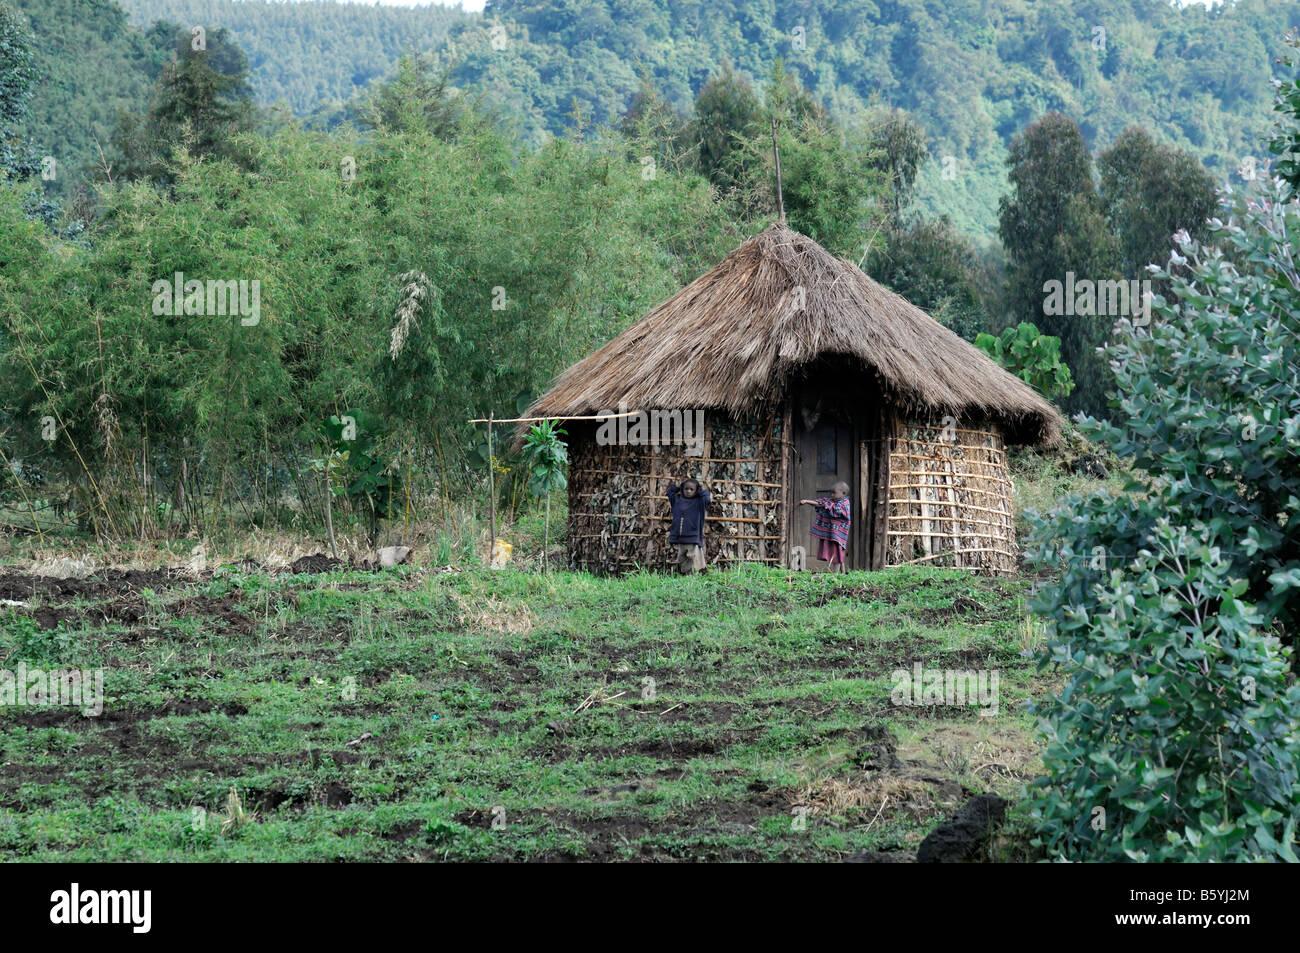 Dos niños fuera de una choza de barro tradicional típica casa simple pobreza pobres finca rural parque Imagen De Stock